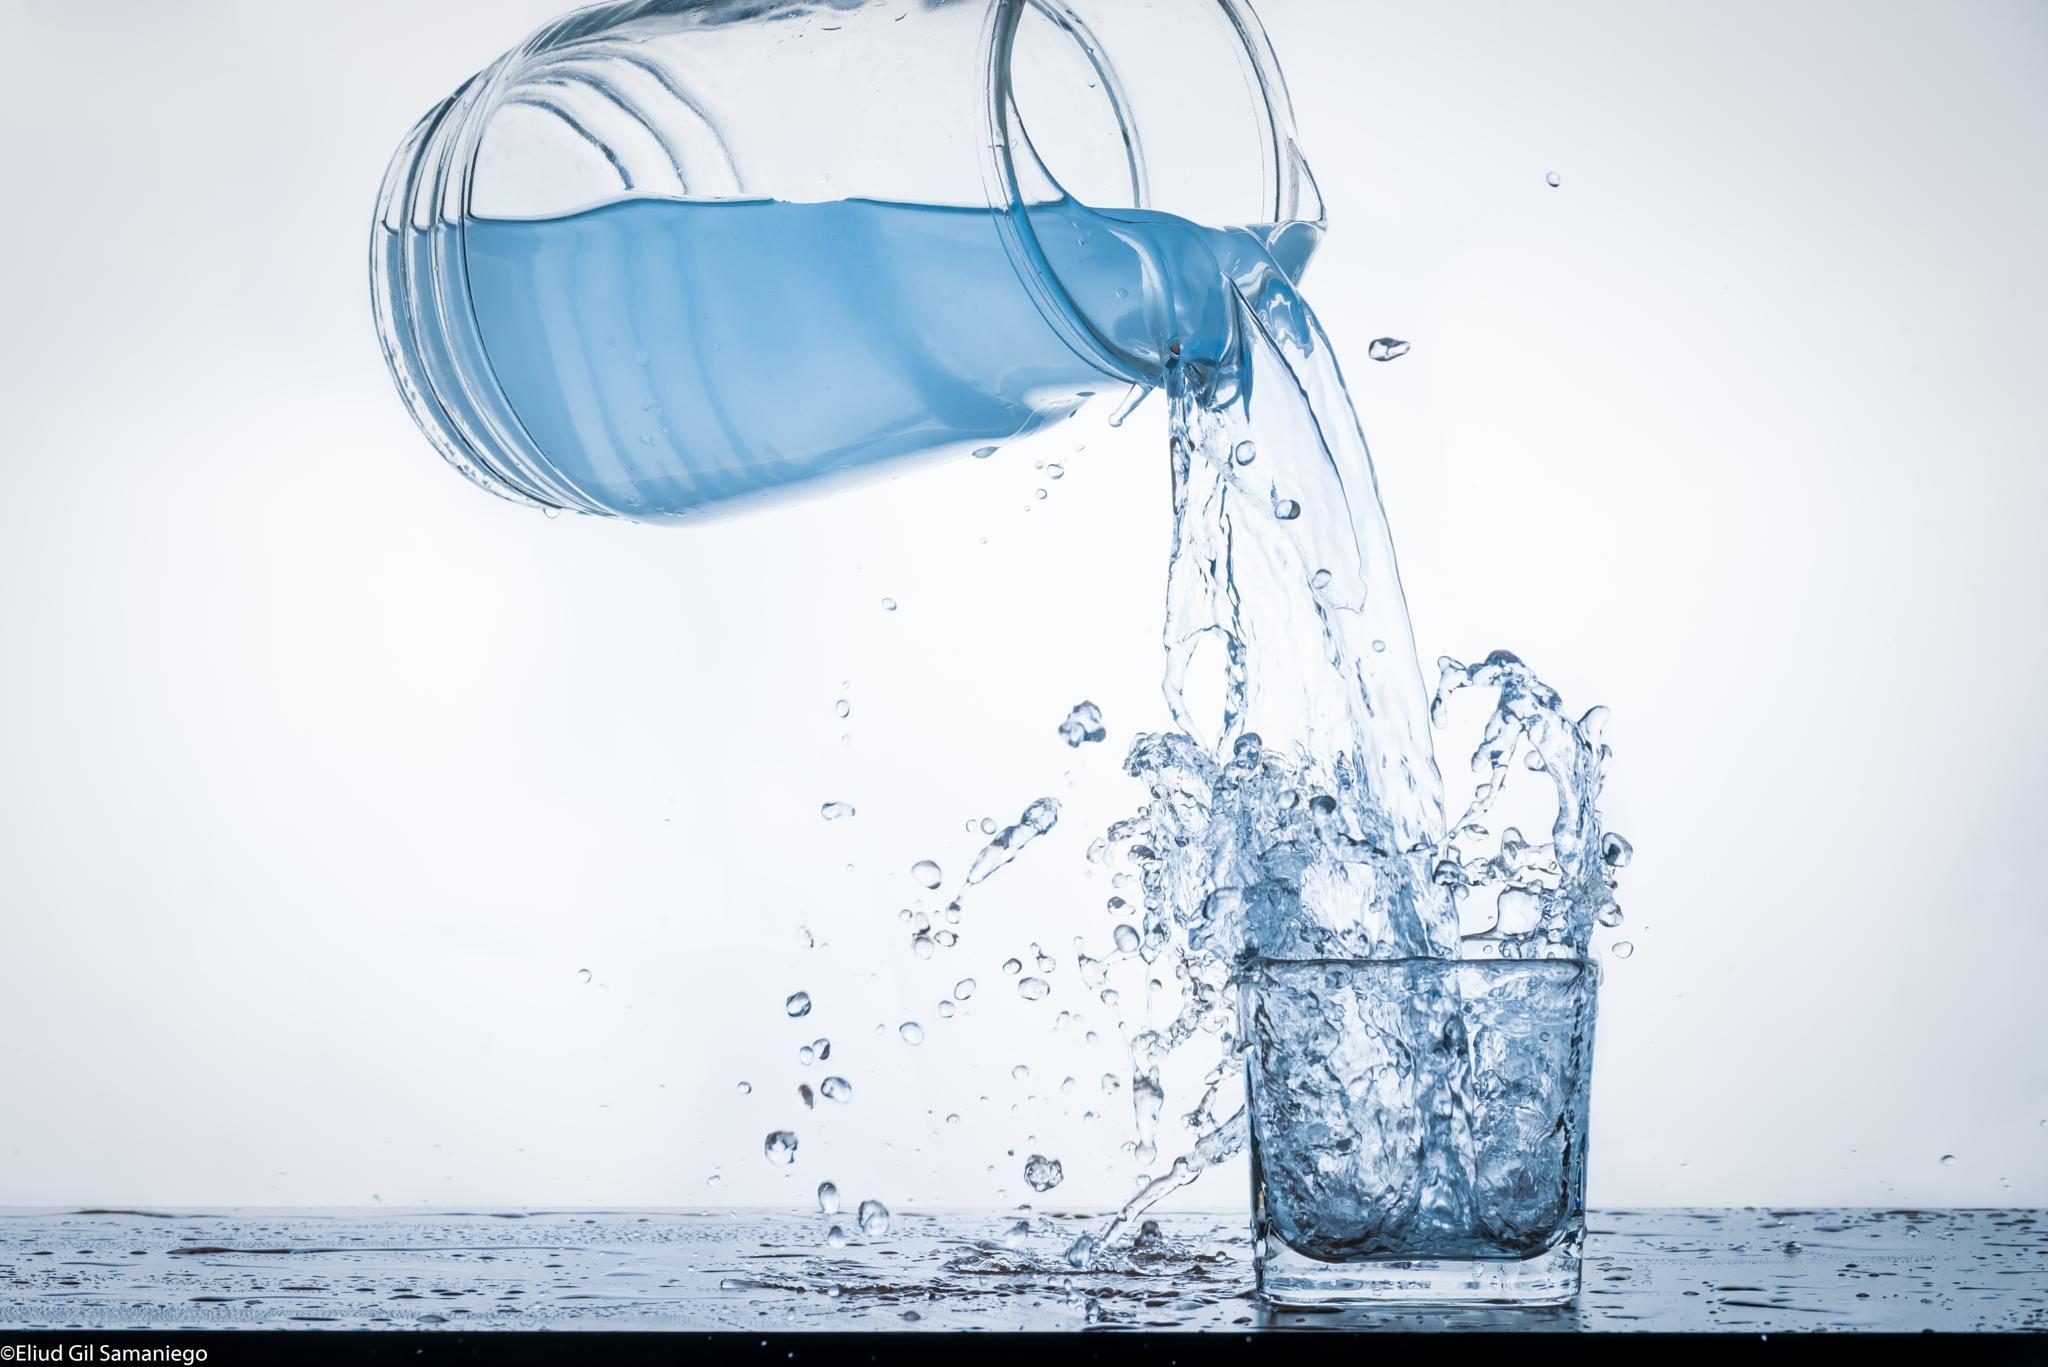 Water Inc Splash 1 by David Eliud Gil Samaniego Maldonado